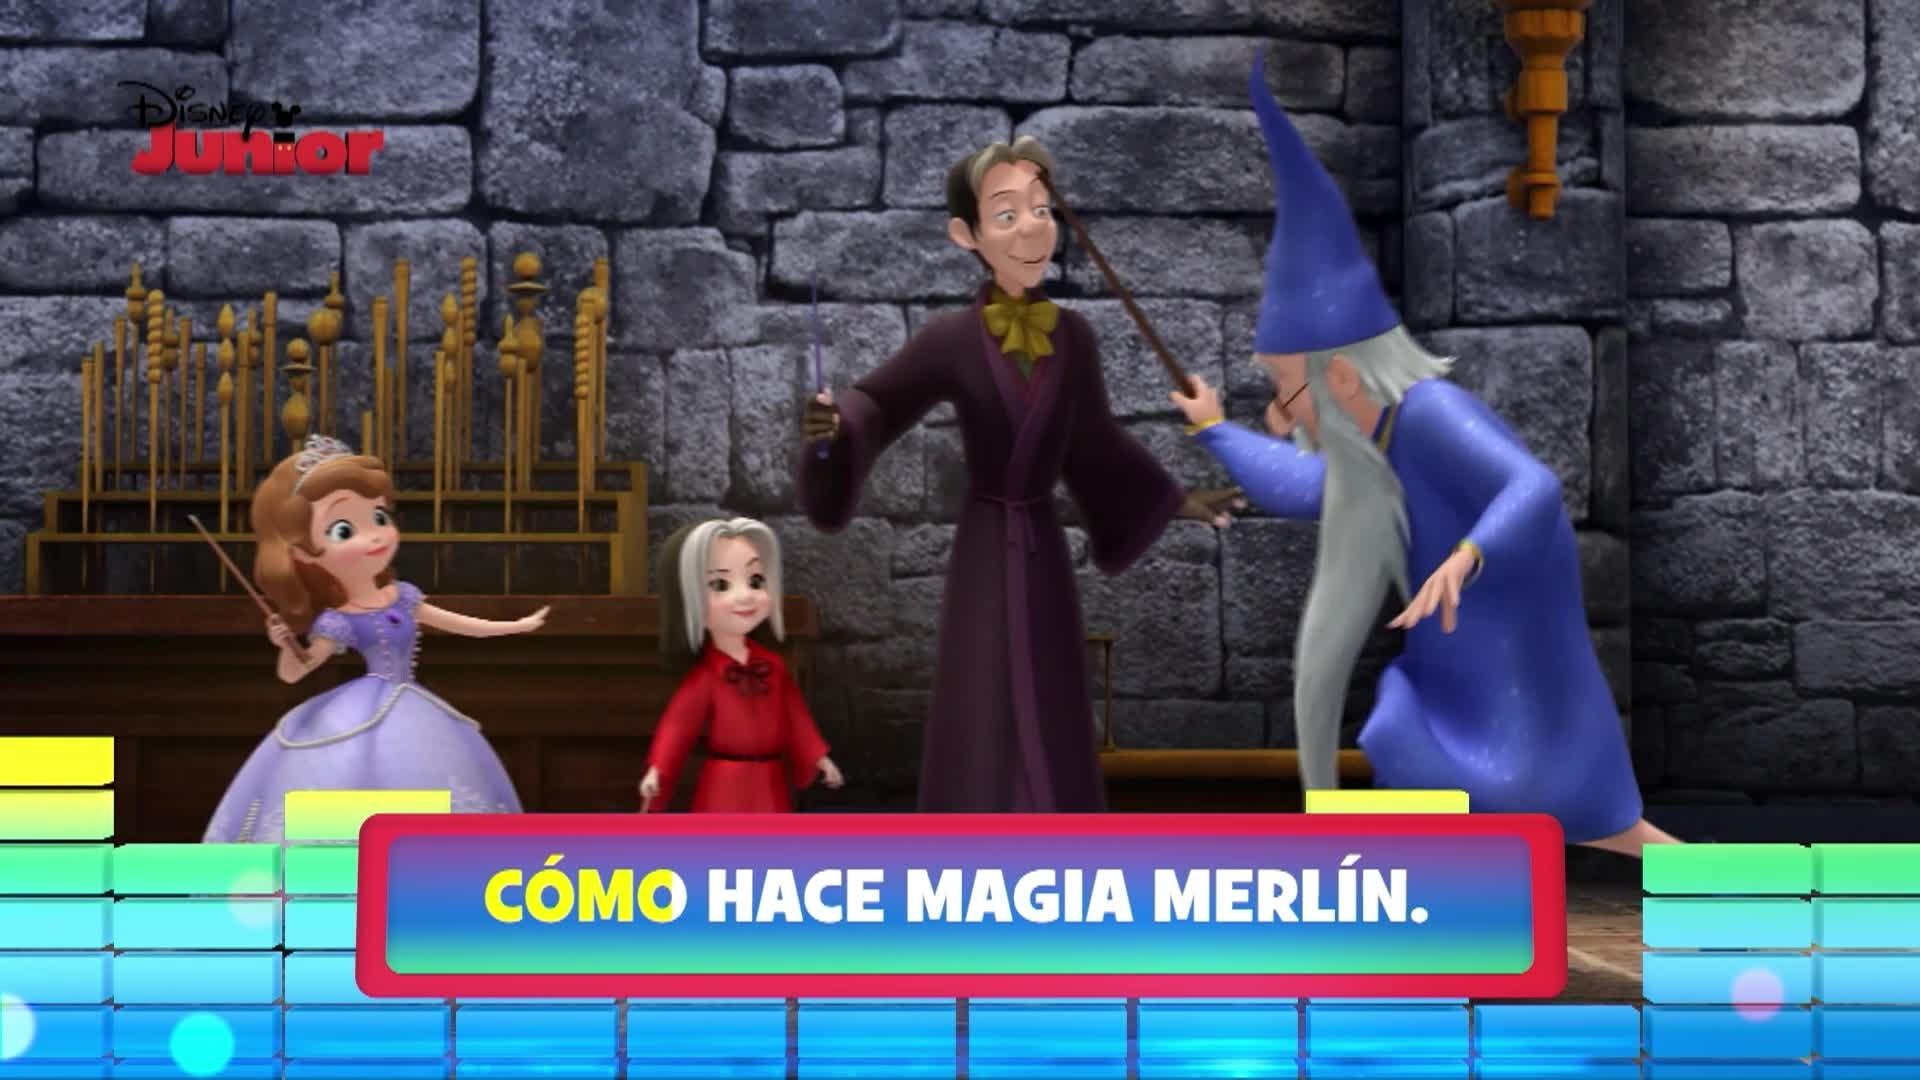 Magia como Merlín